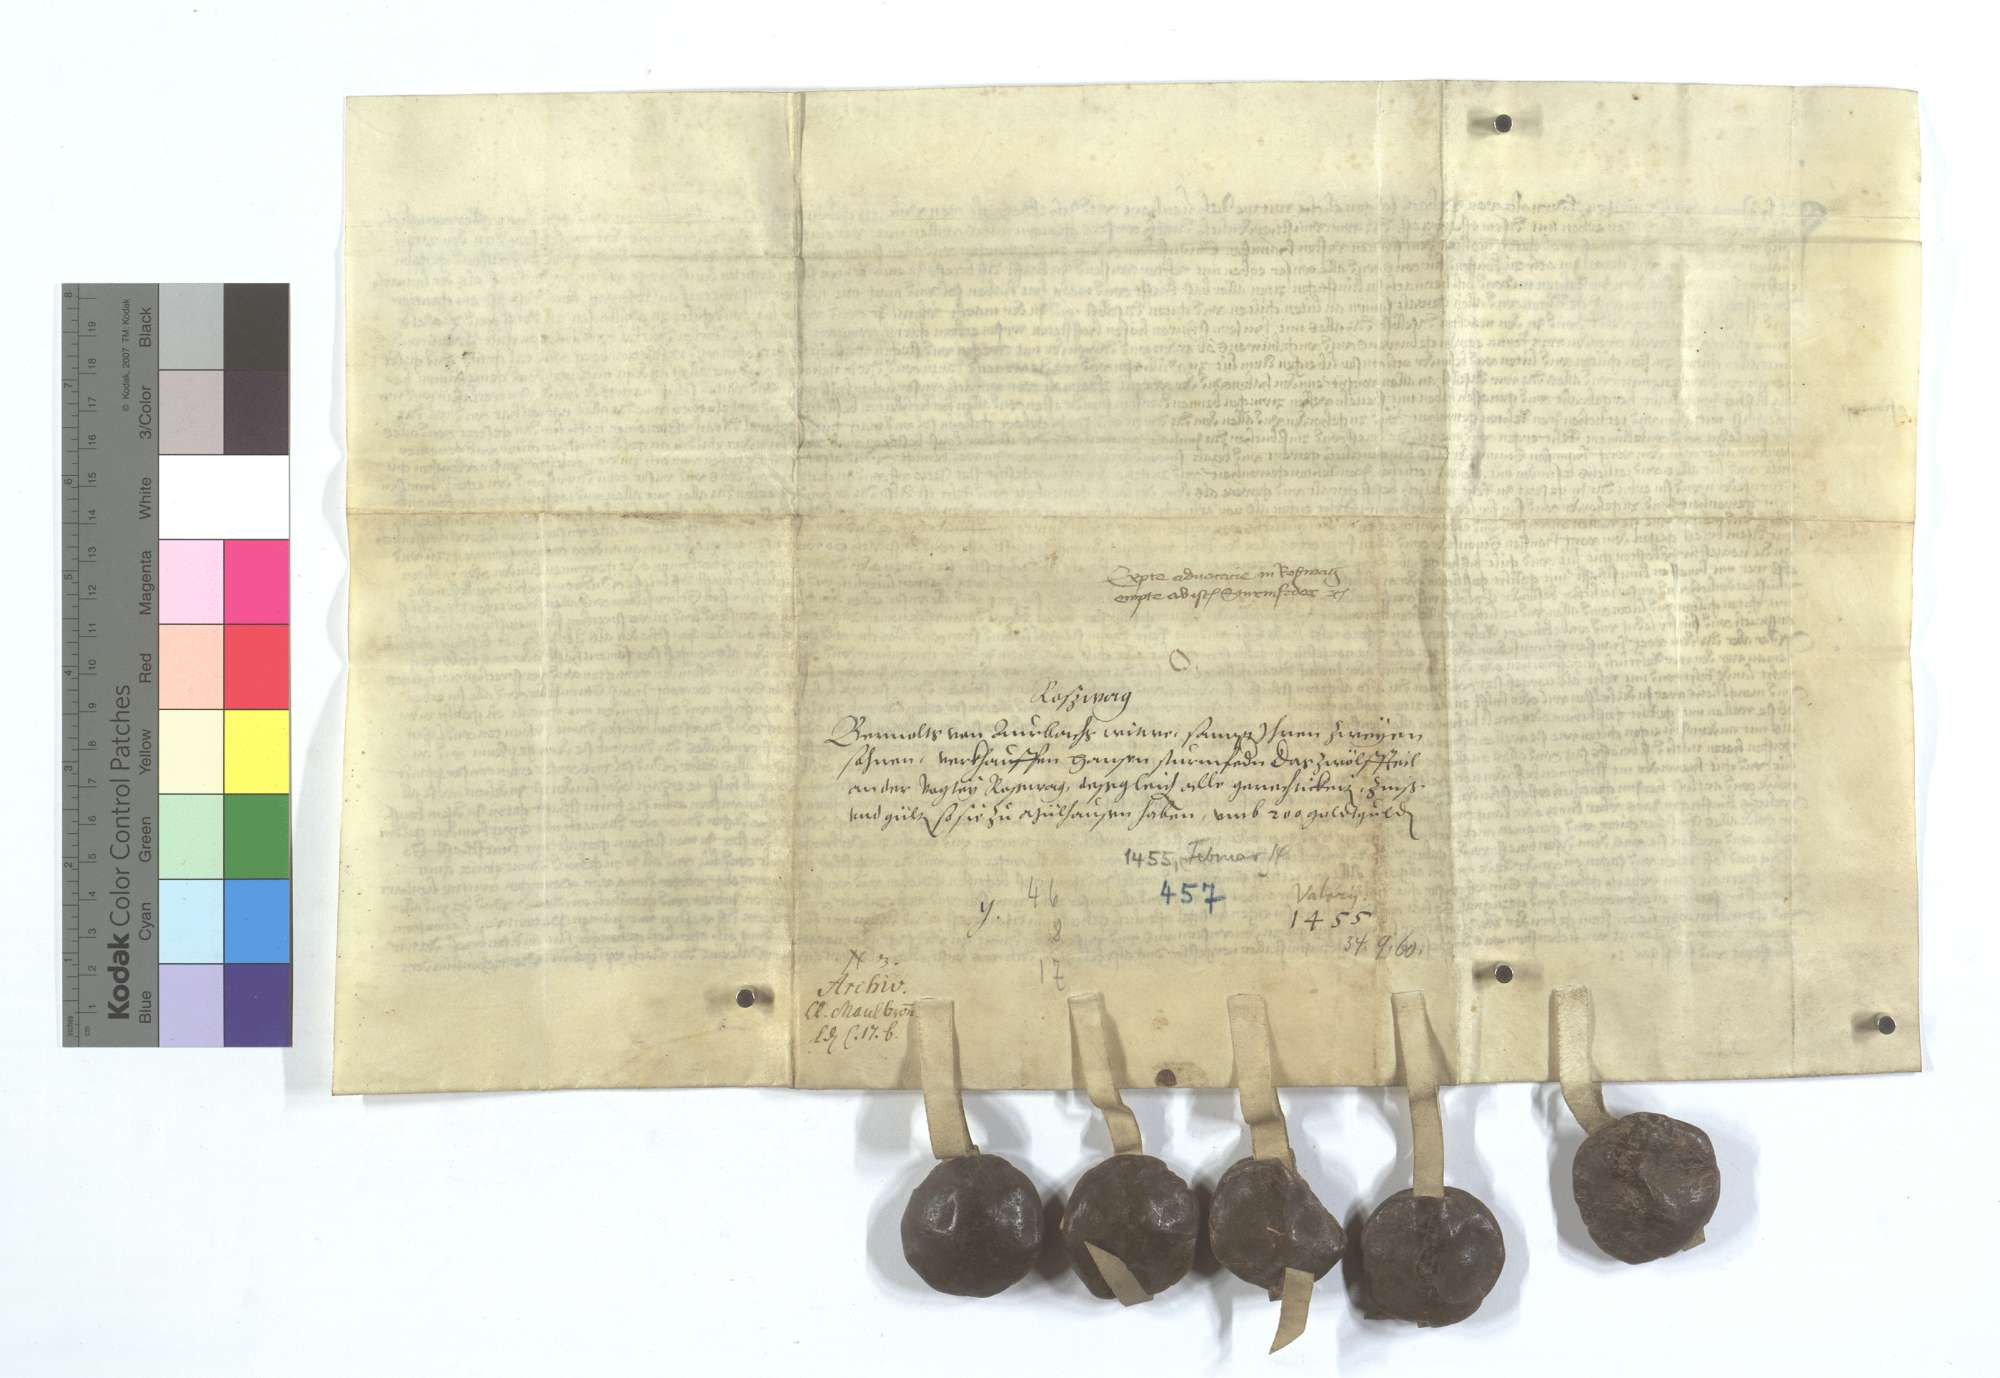 Anna von Venningen, Bernold von Urbachs Witwe, und ihre beiden Söhne verkaufen Hans Sturmfeder 1/12 an der Vogtei in Roßwag samt ihrer Gerechtsame, Zinsen und Gülten in Mühlhausen (Mülhausen)., Rückseite